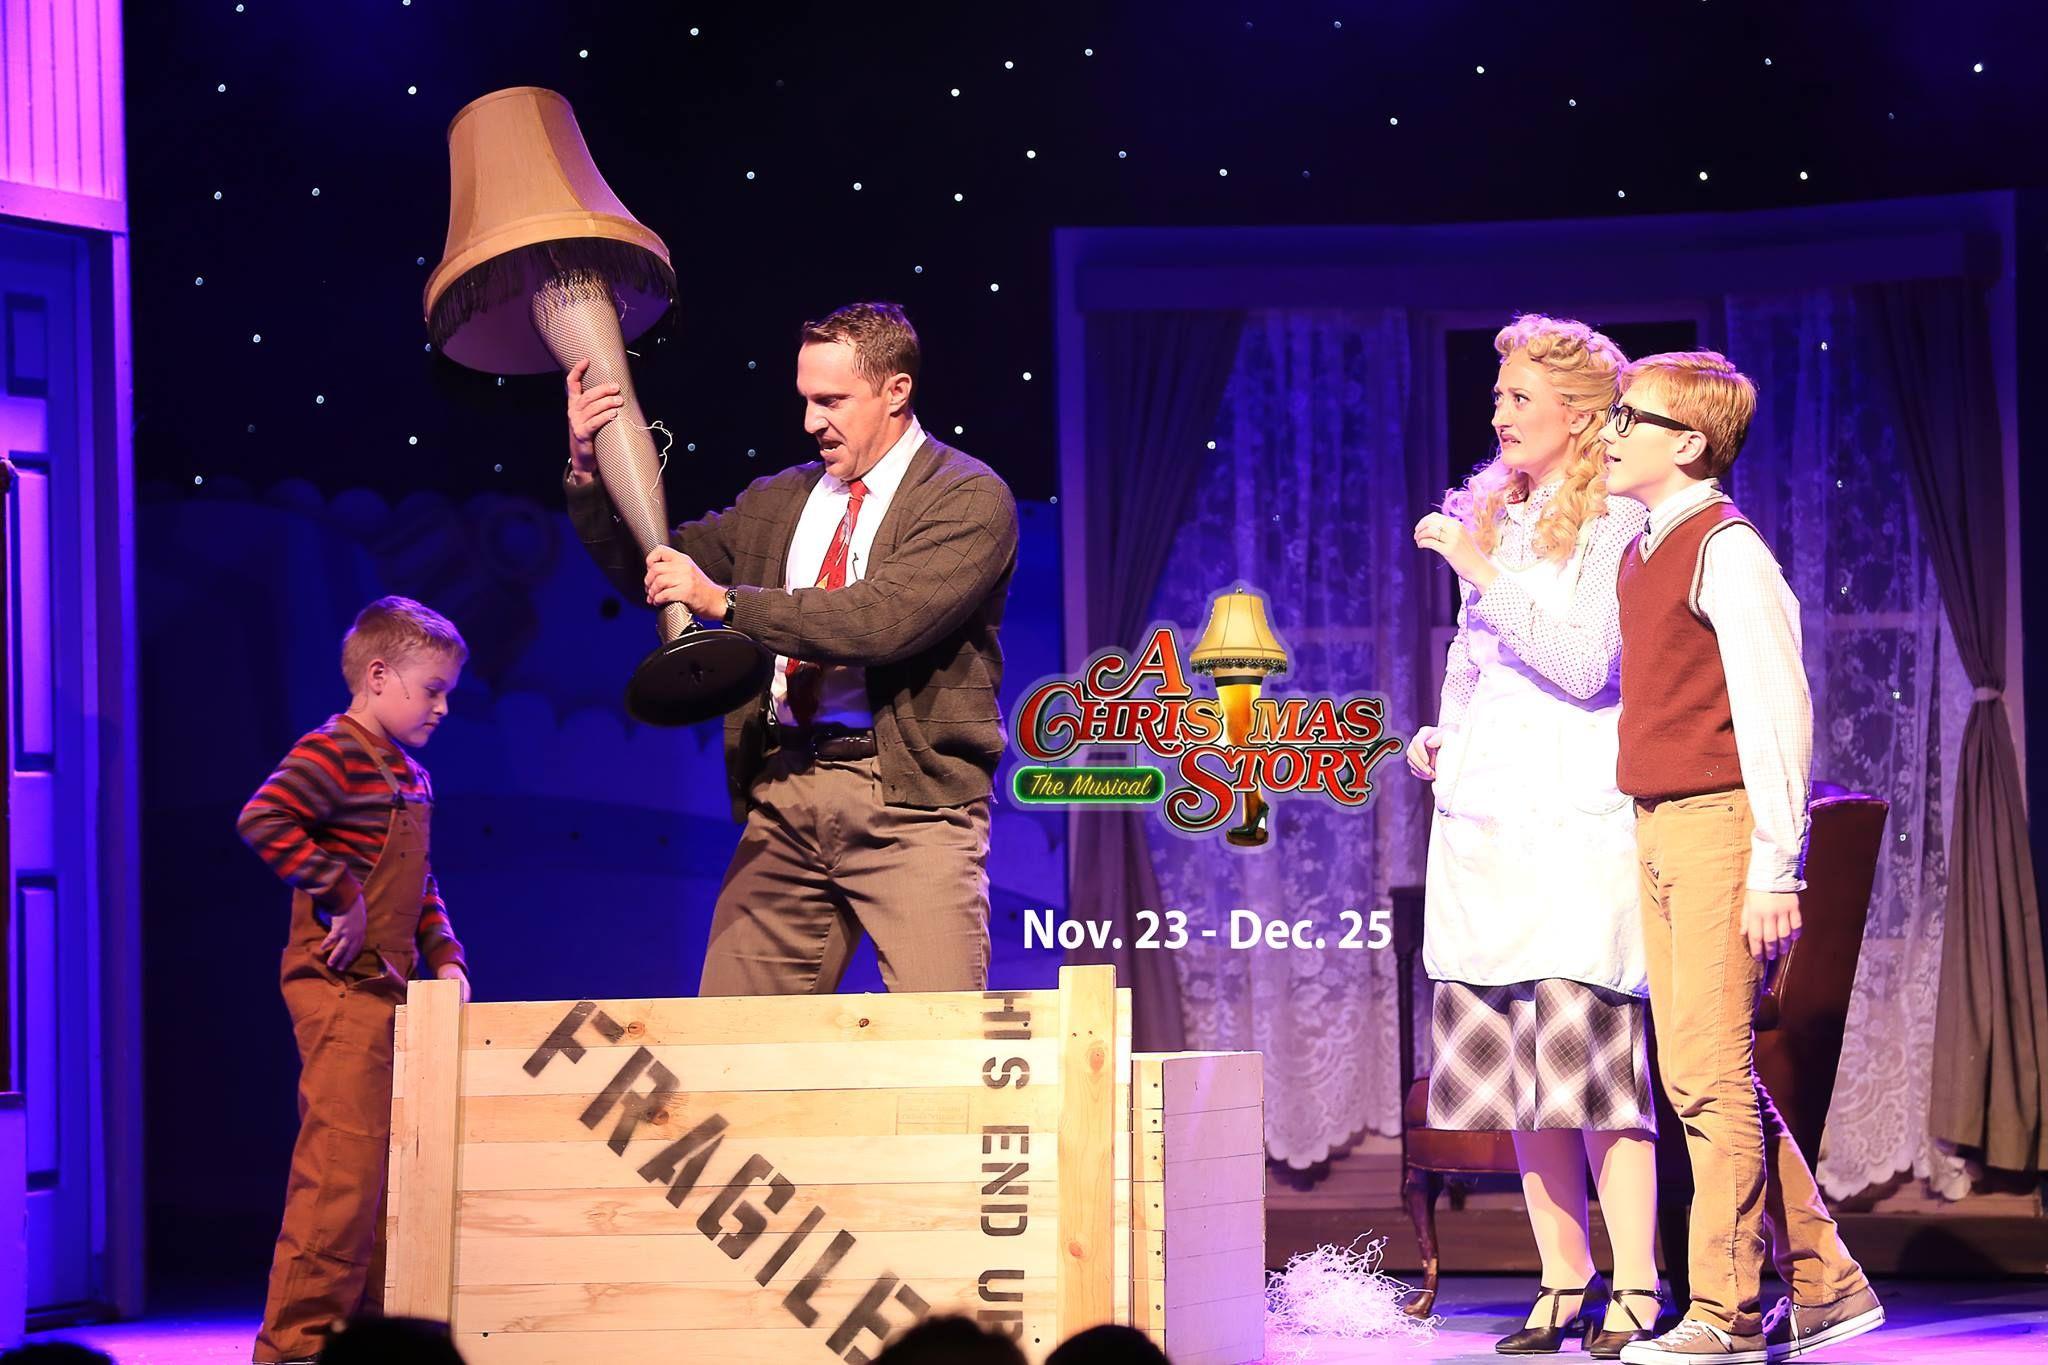 christmas story 01 - A Christmas Story Musical